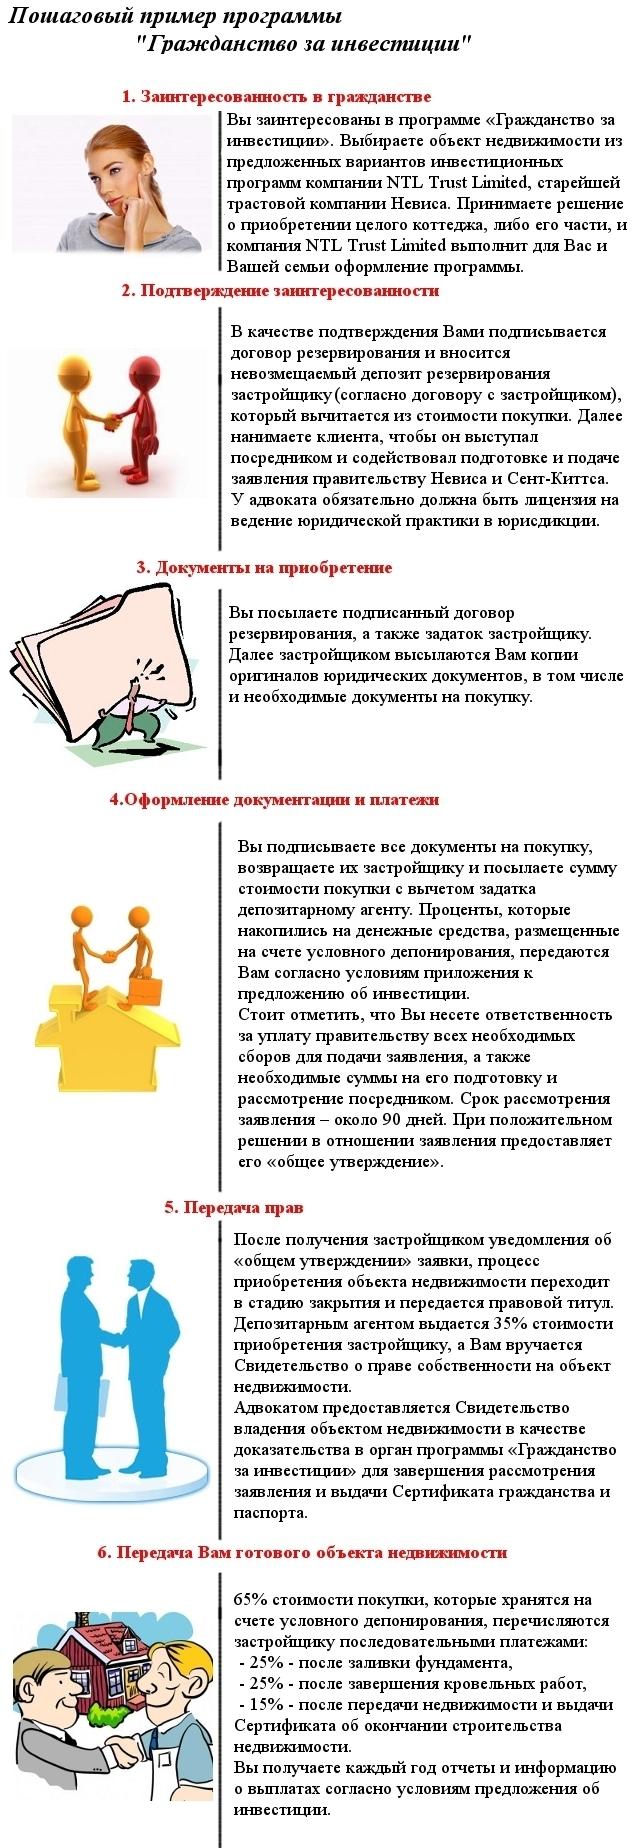 пример программы гражданства за инвестиции